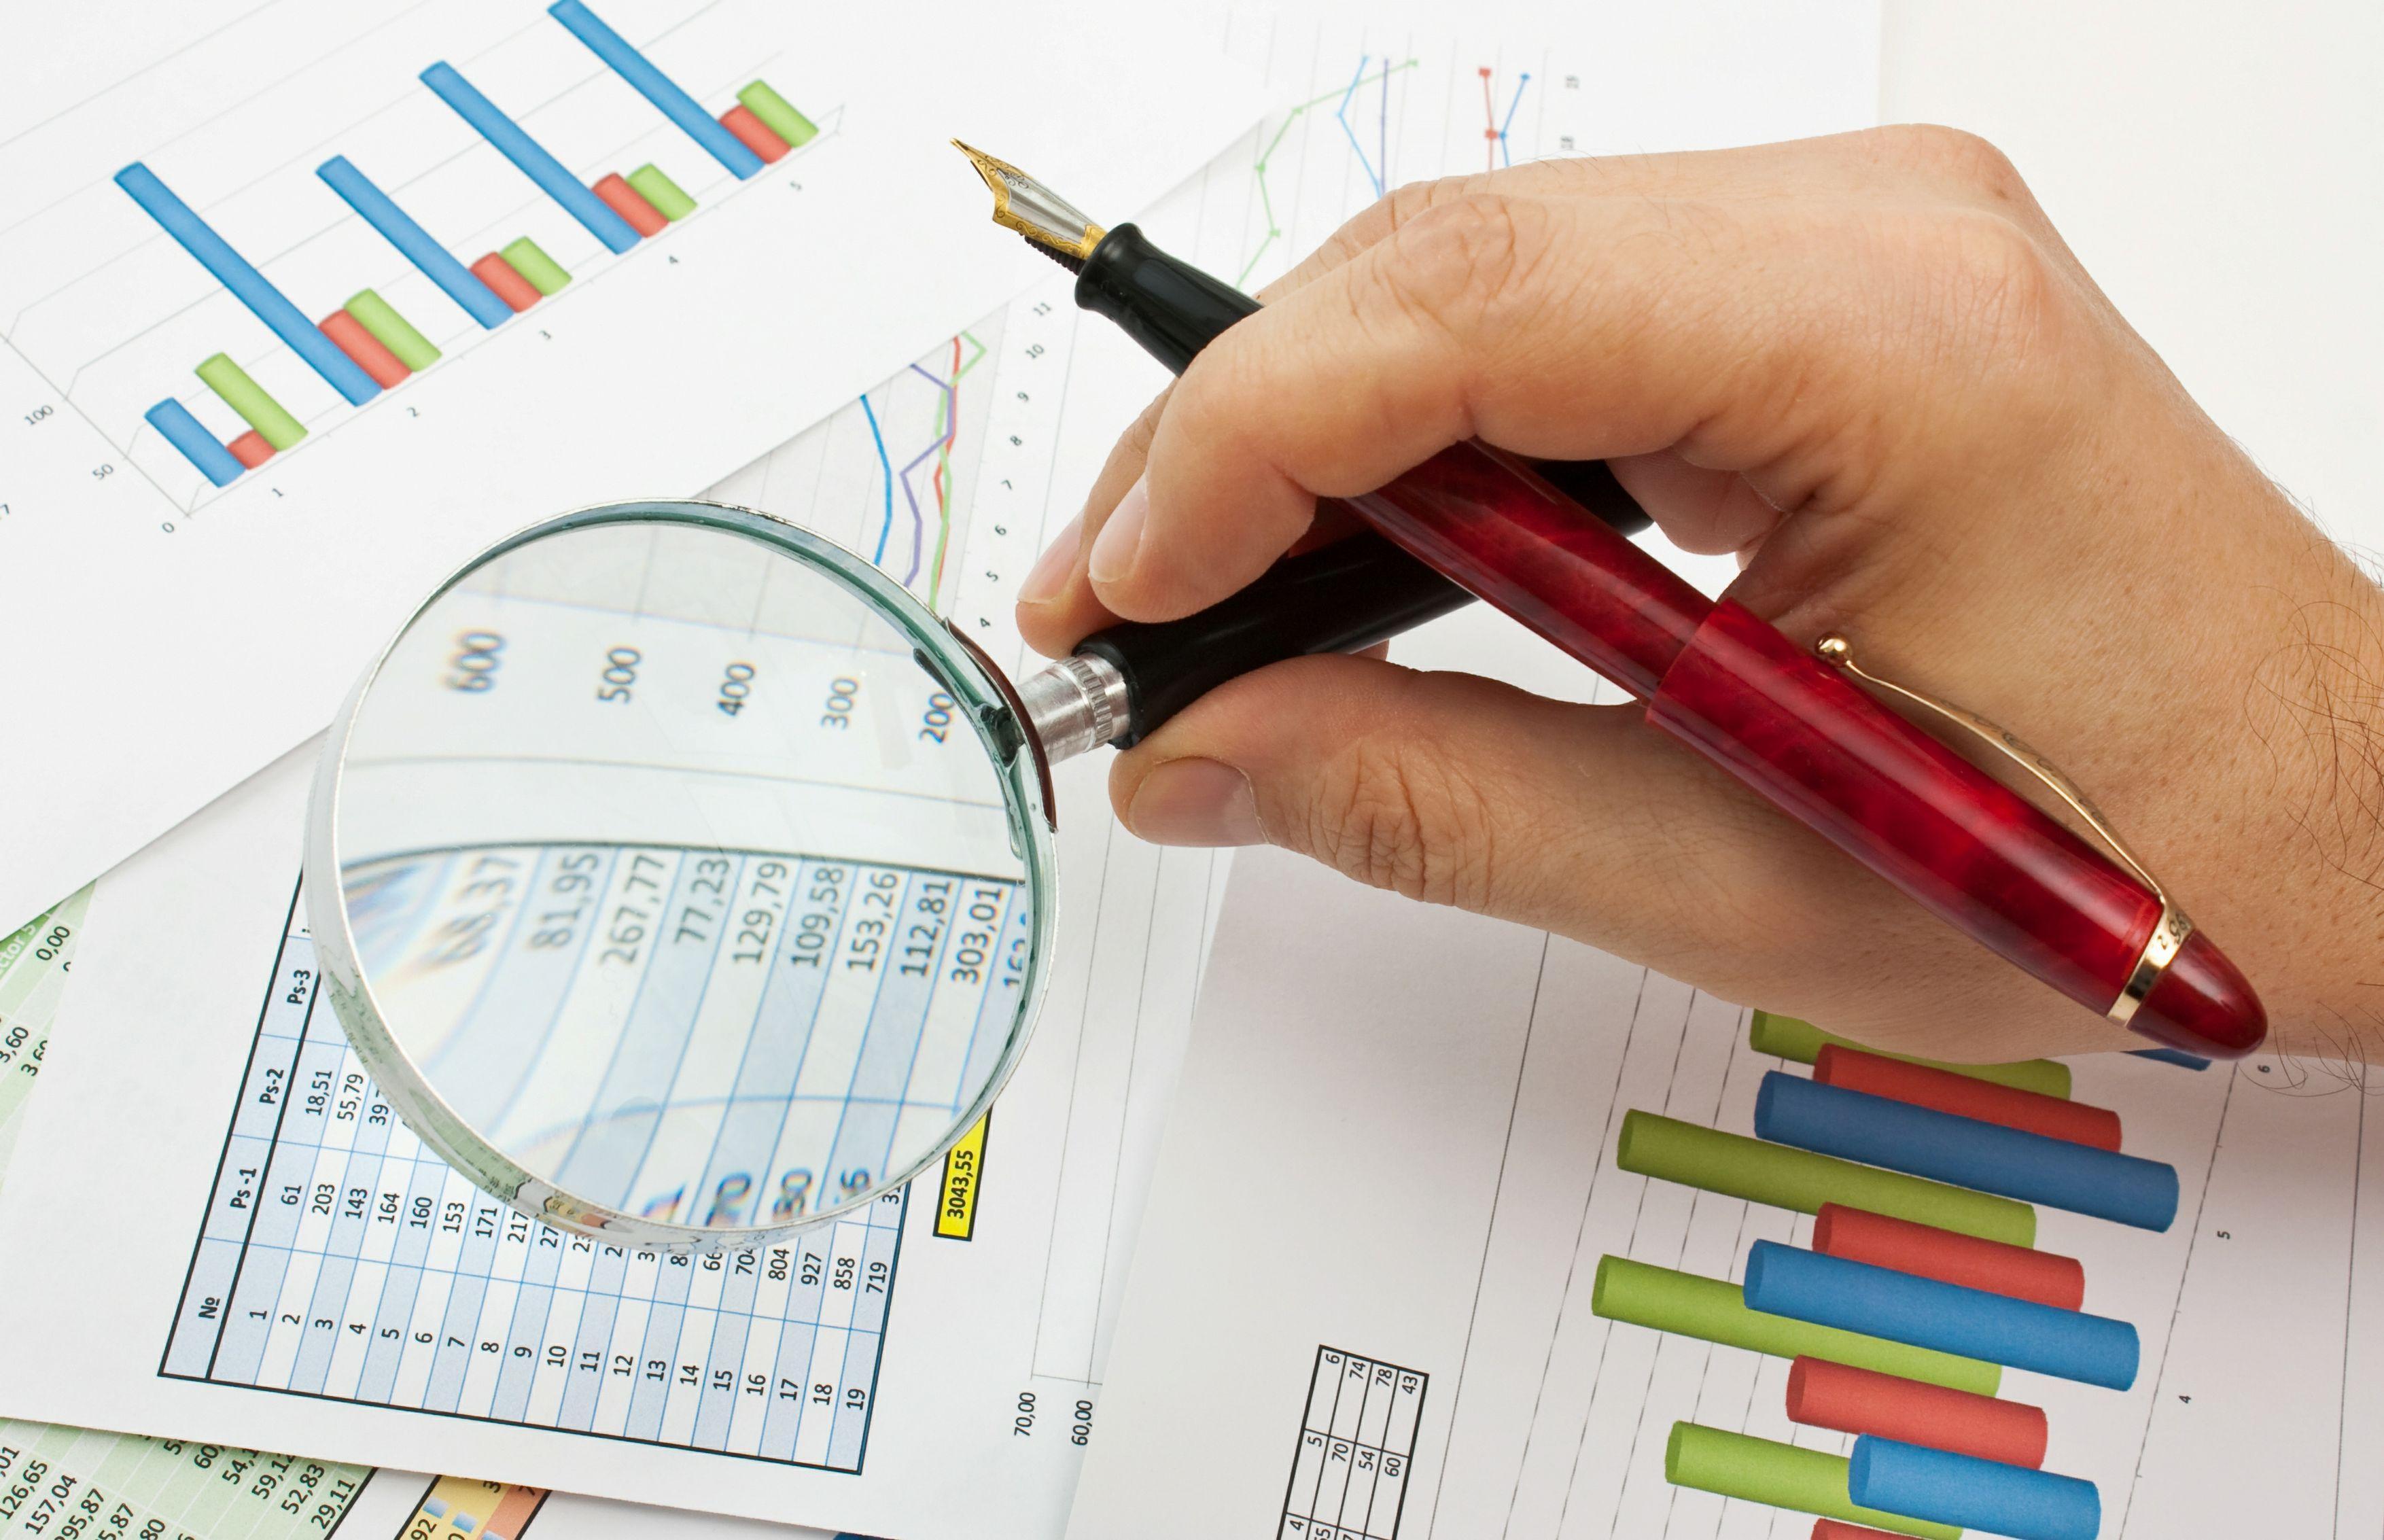 格隆汇港股聚焦(12.13)︱平安前11月原保费收入升9.4%至7226.7亿元  华润置地前11月销售增近两成